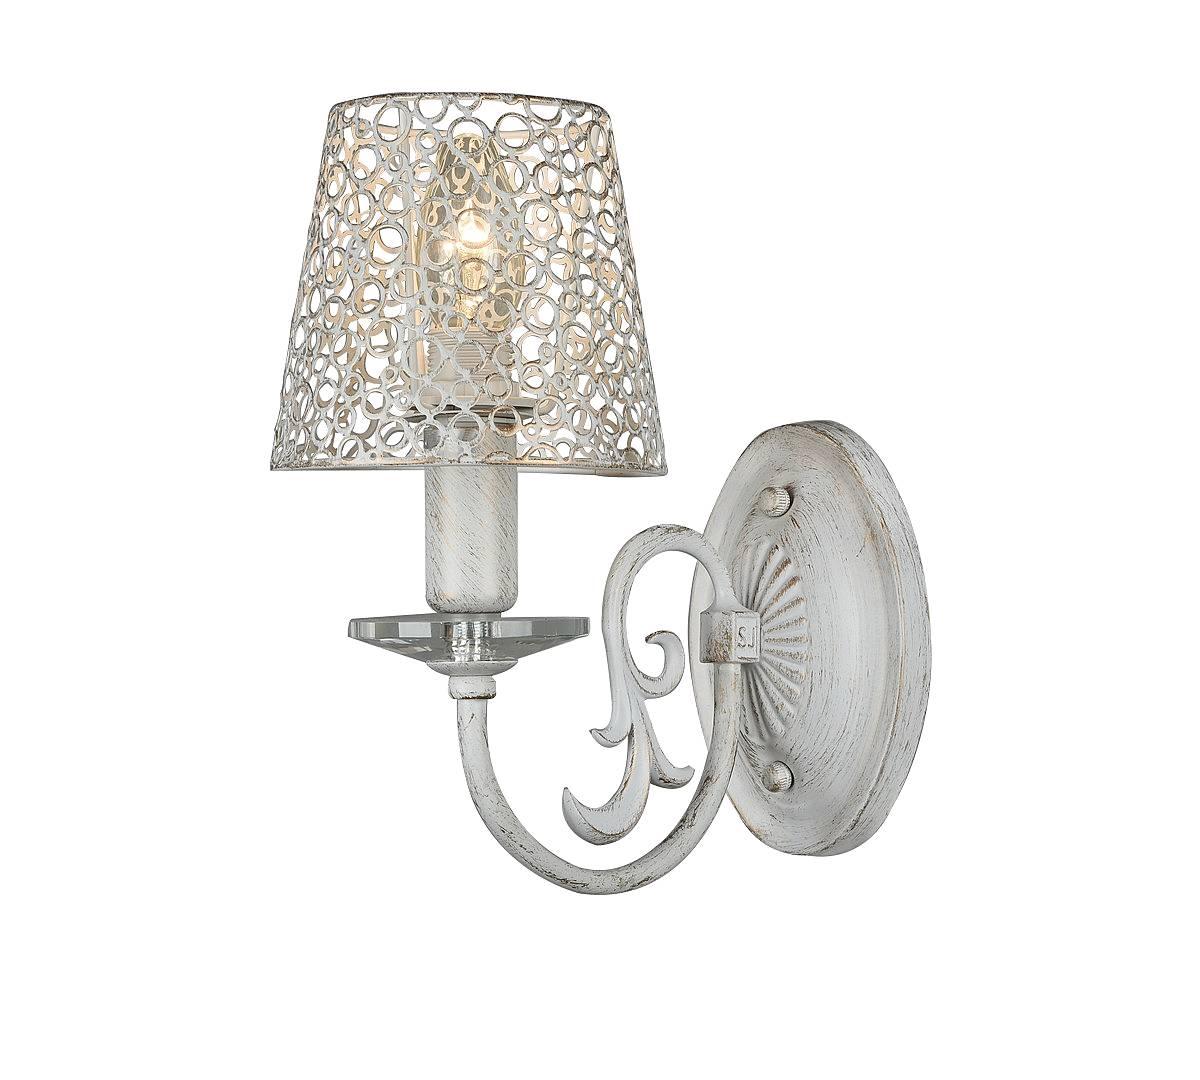 Фото товара A5468AP-1WG Arte Lamp